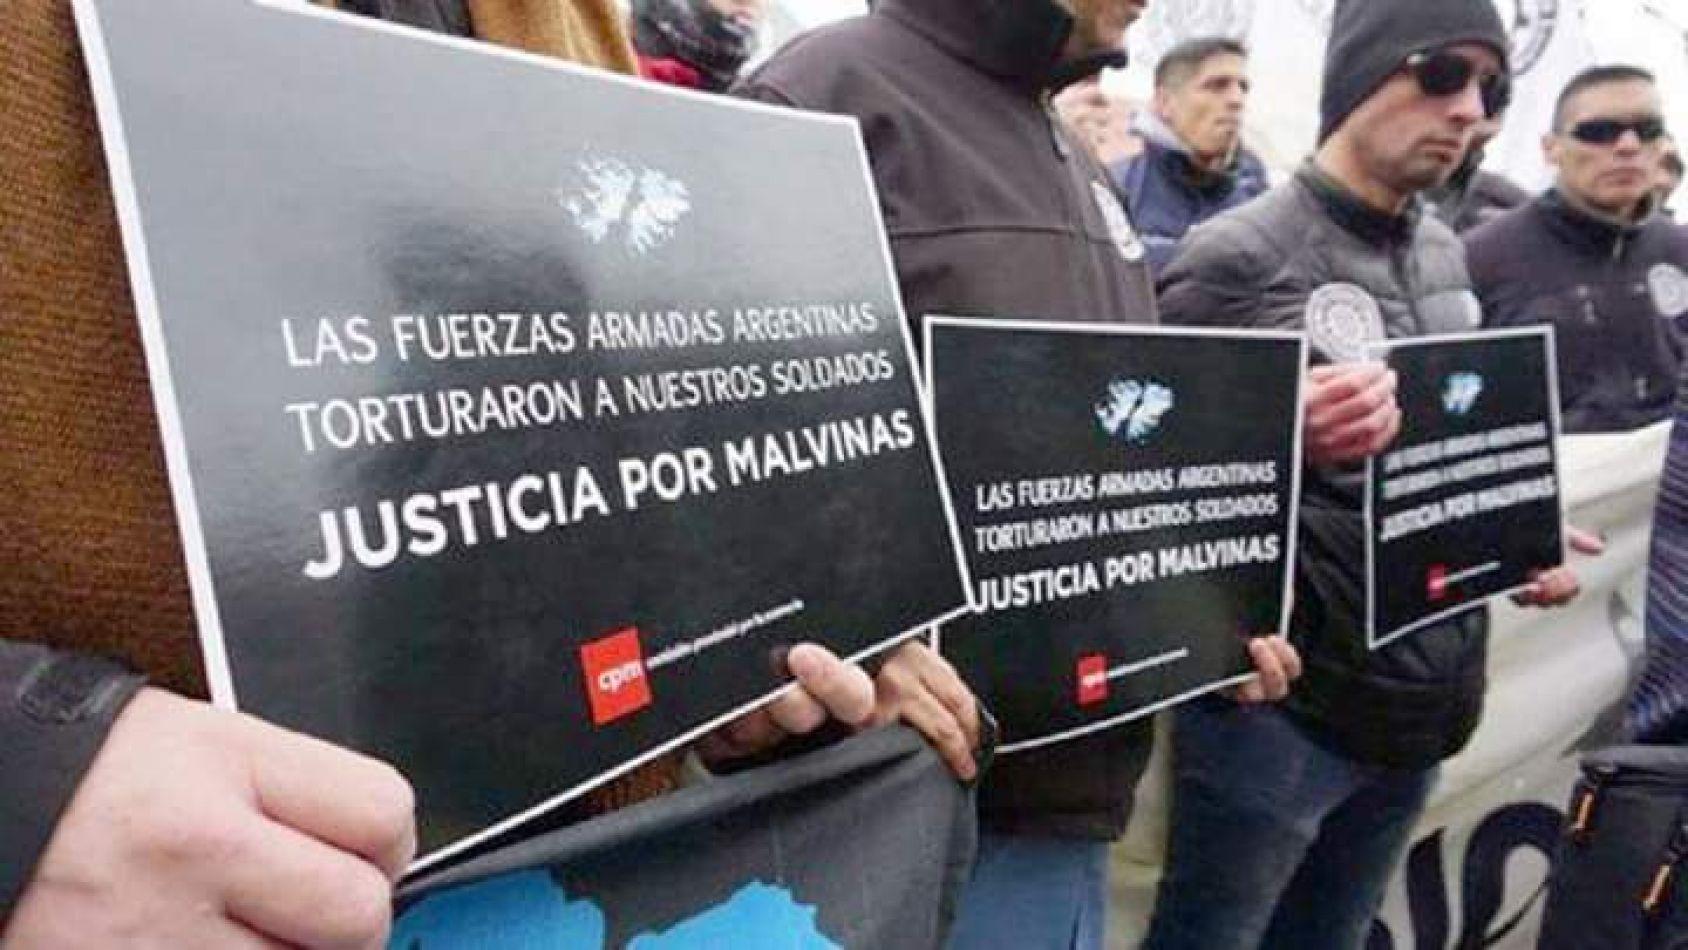 Procesan por primera vez a cuatro militares por imposición de torturas a soldados en la guerra de Malvinas